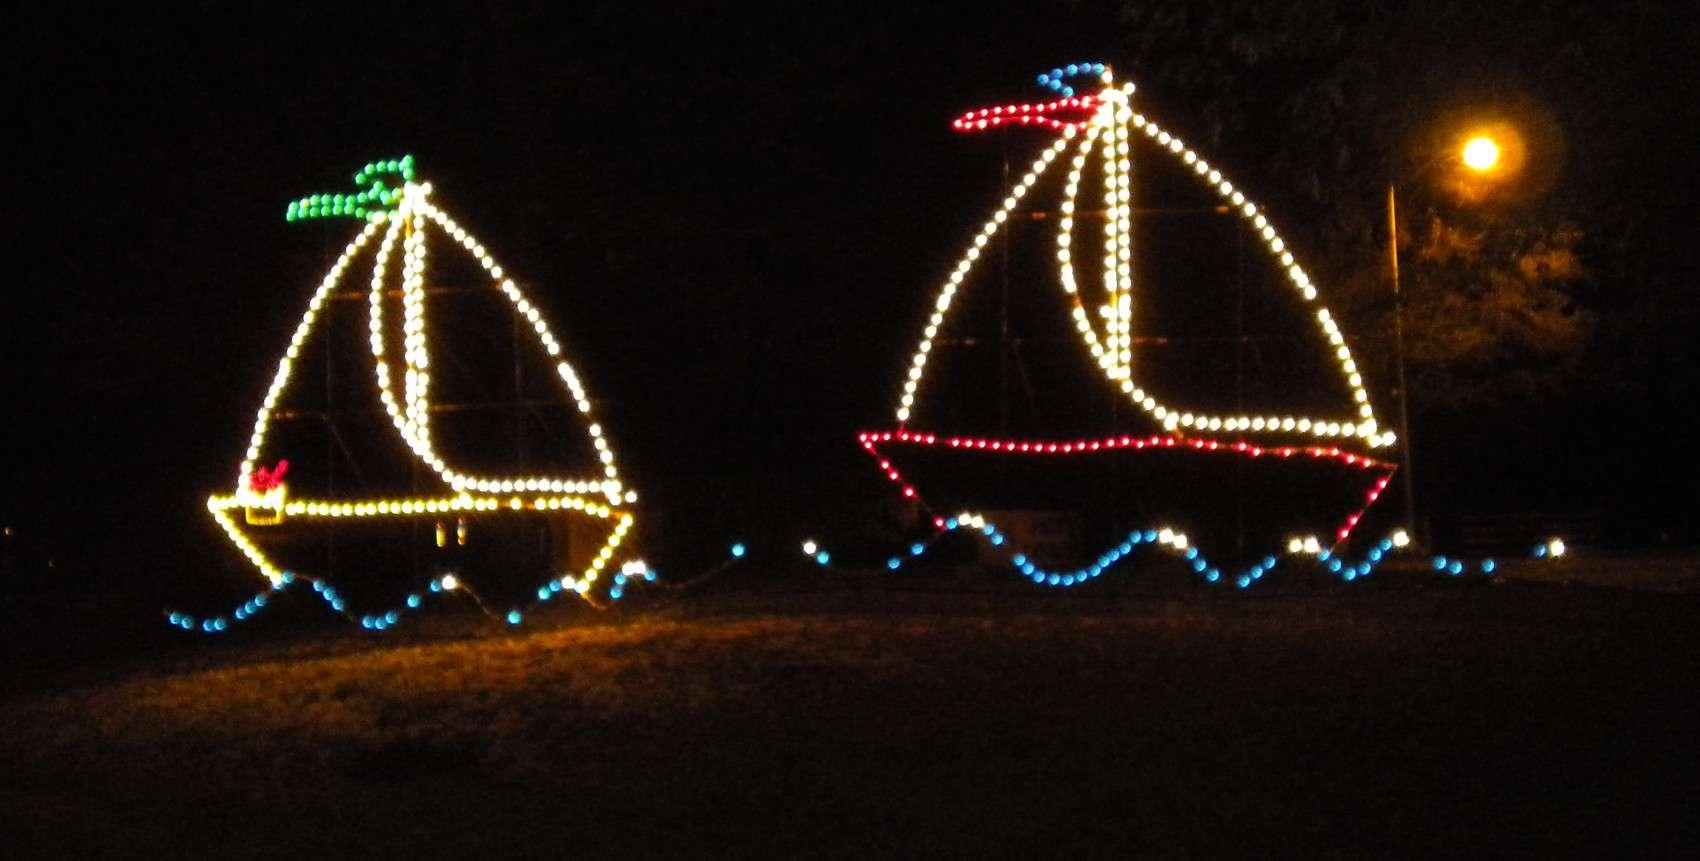 Christmas Light Displays.7 Amazing Christmas Holiday Light Displays